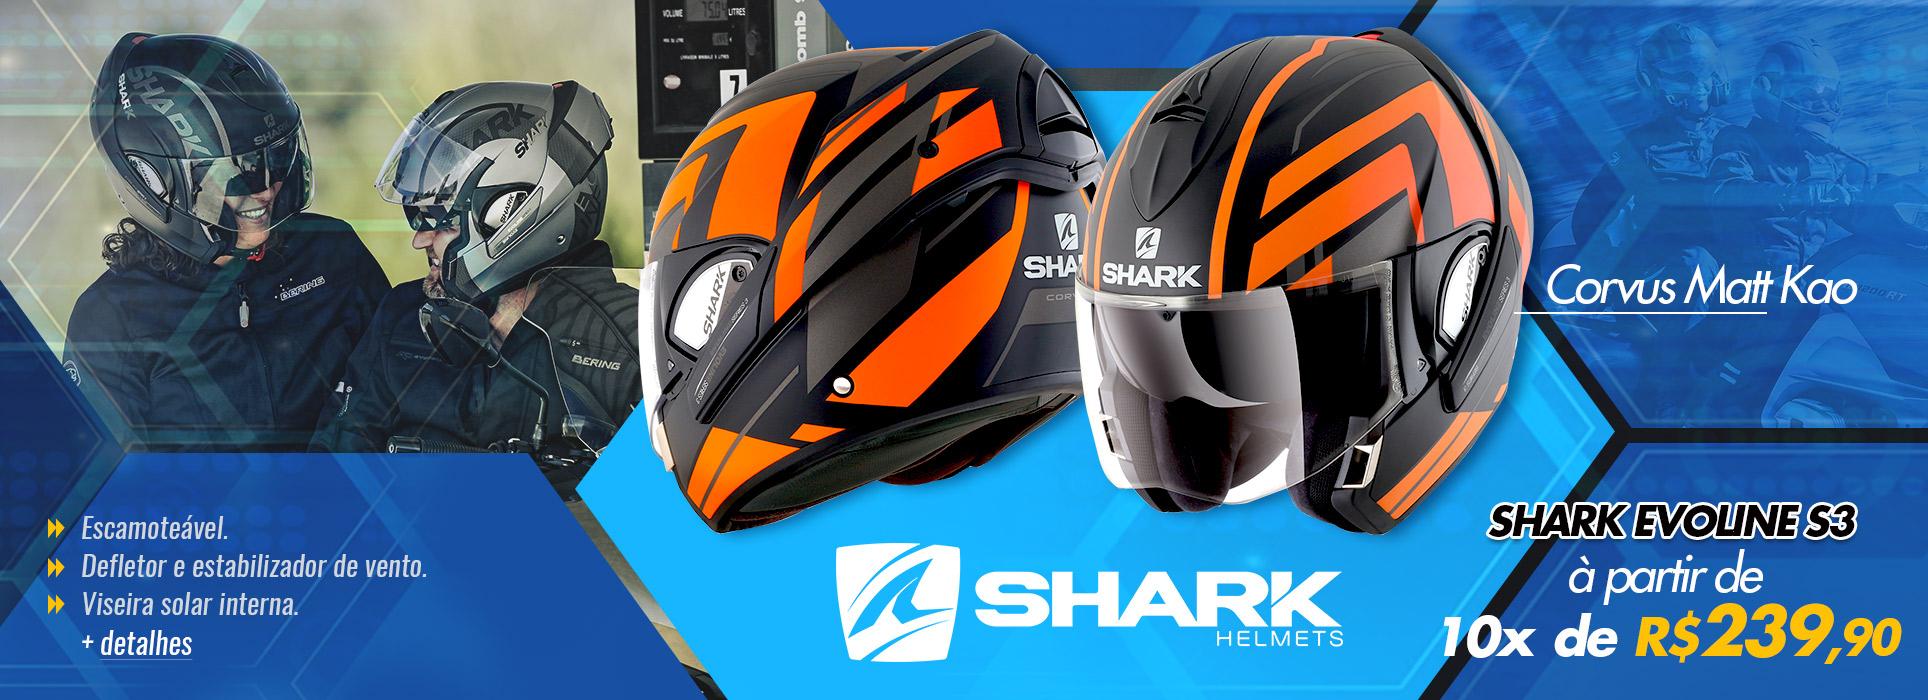 shark-evoline